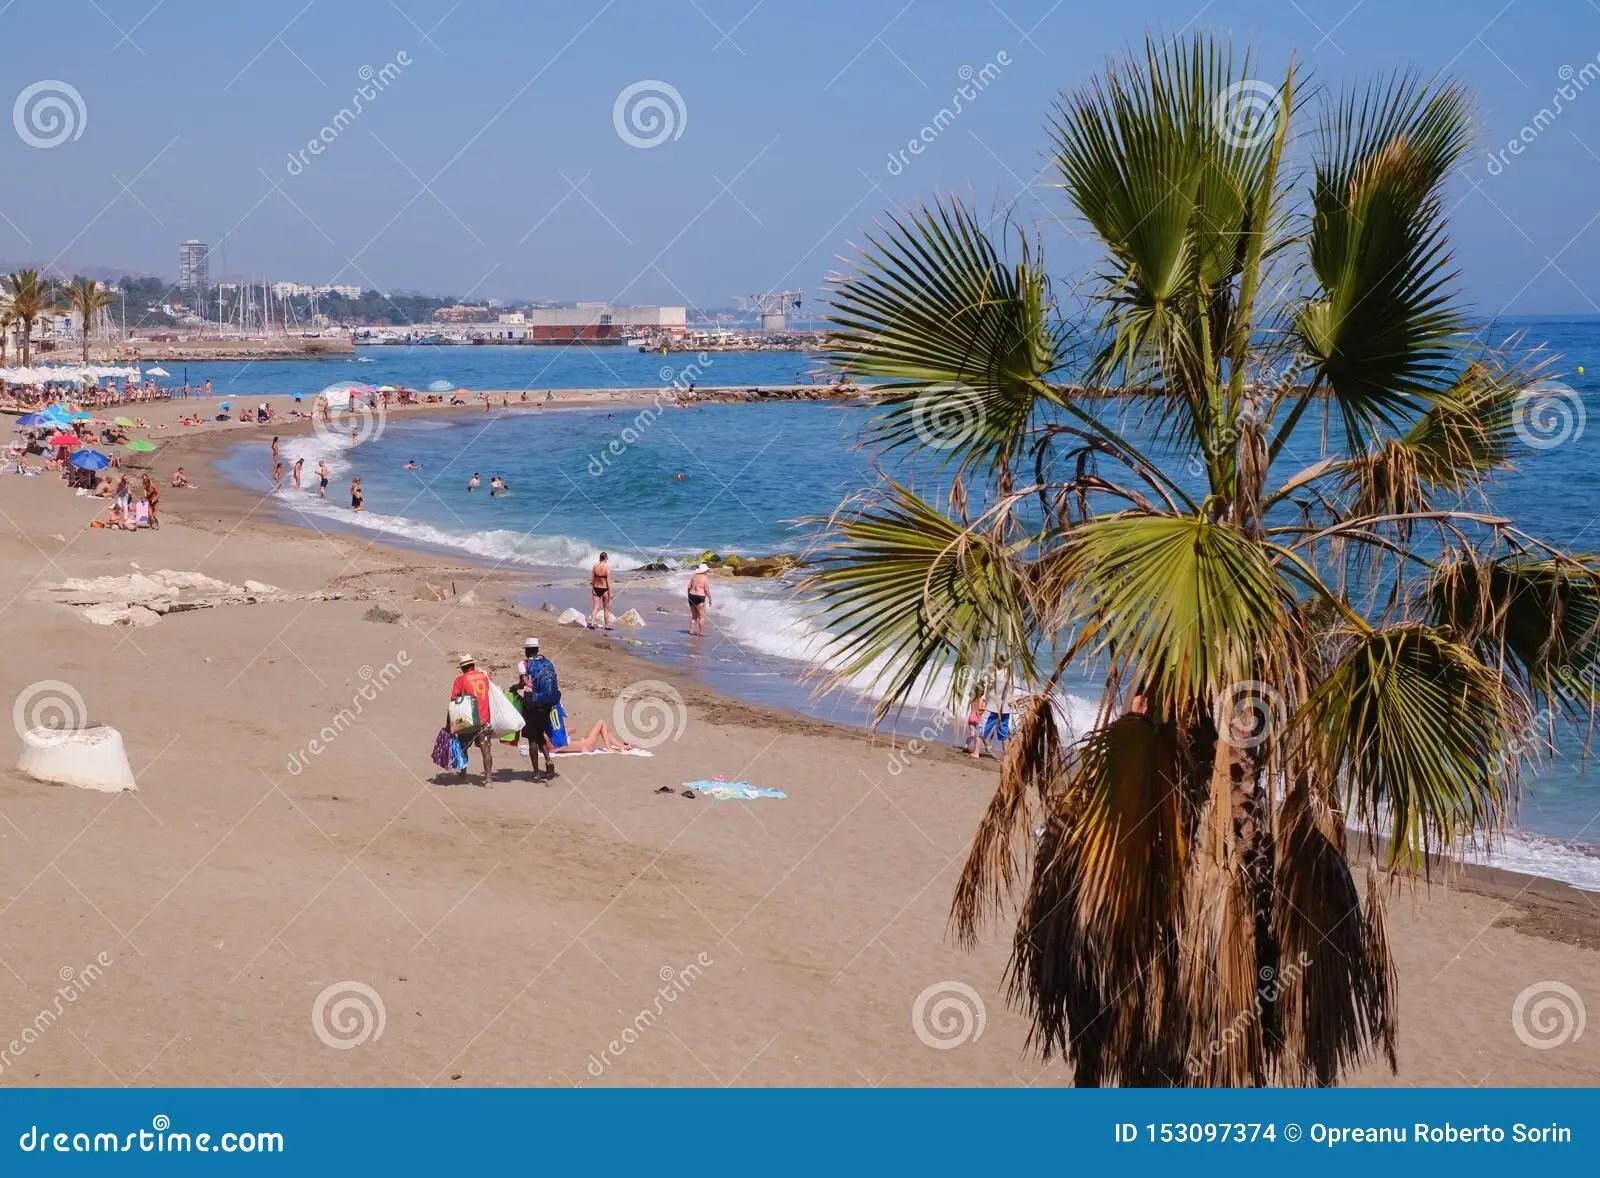 https fr dreamstime com vacanciers prenant bain soleil plage v nus marbella espagne juin les chouent villes lieu vill giature province image153097374